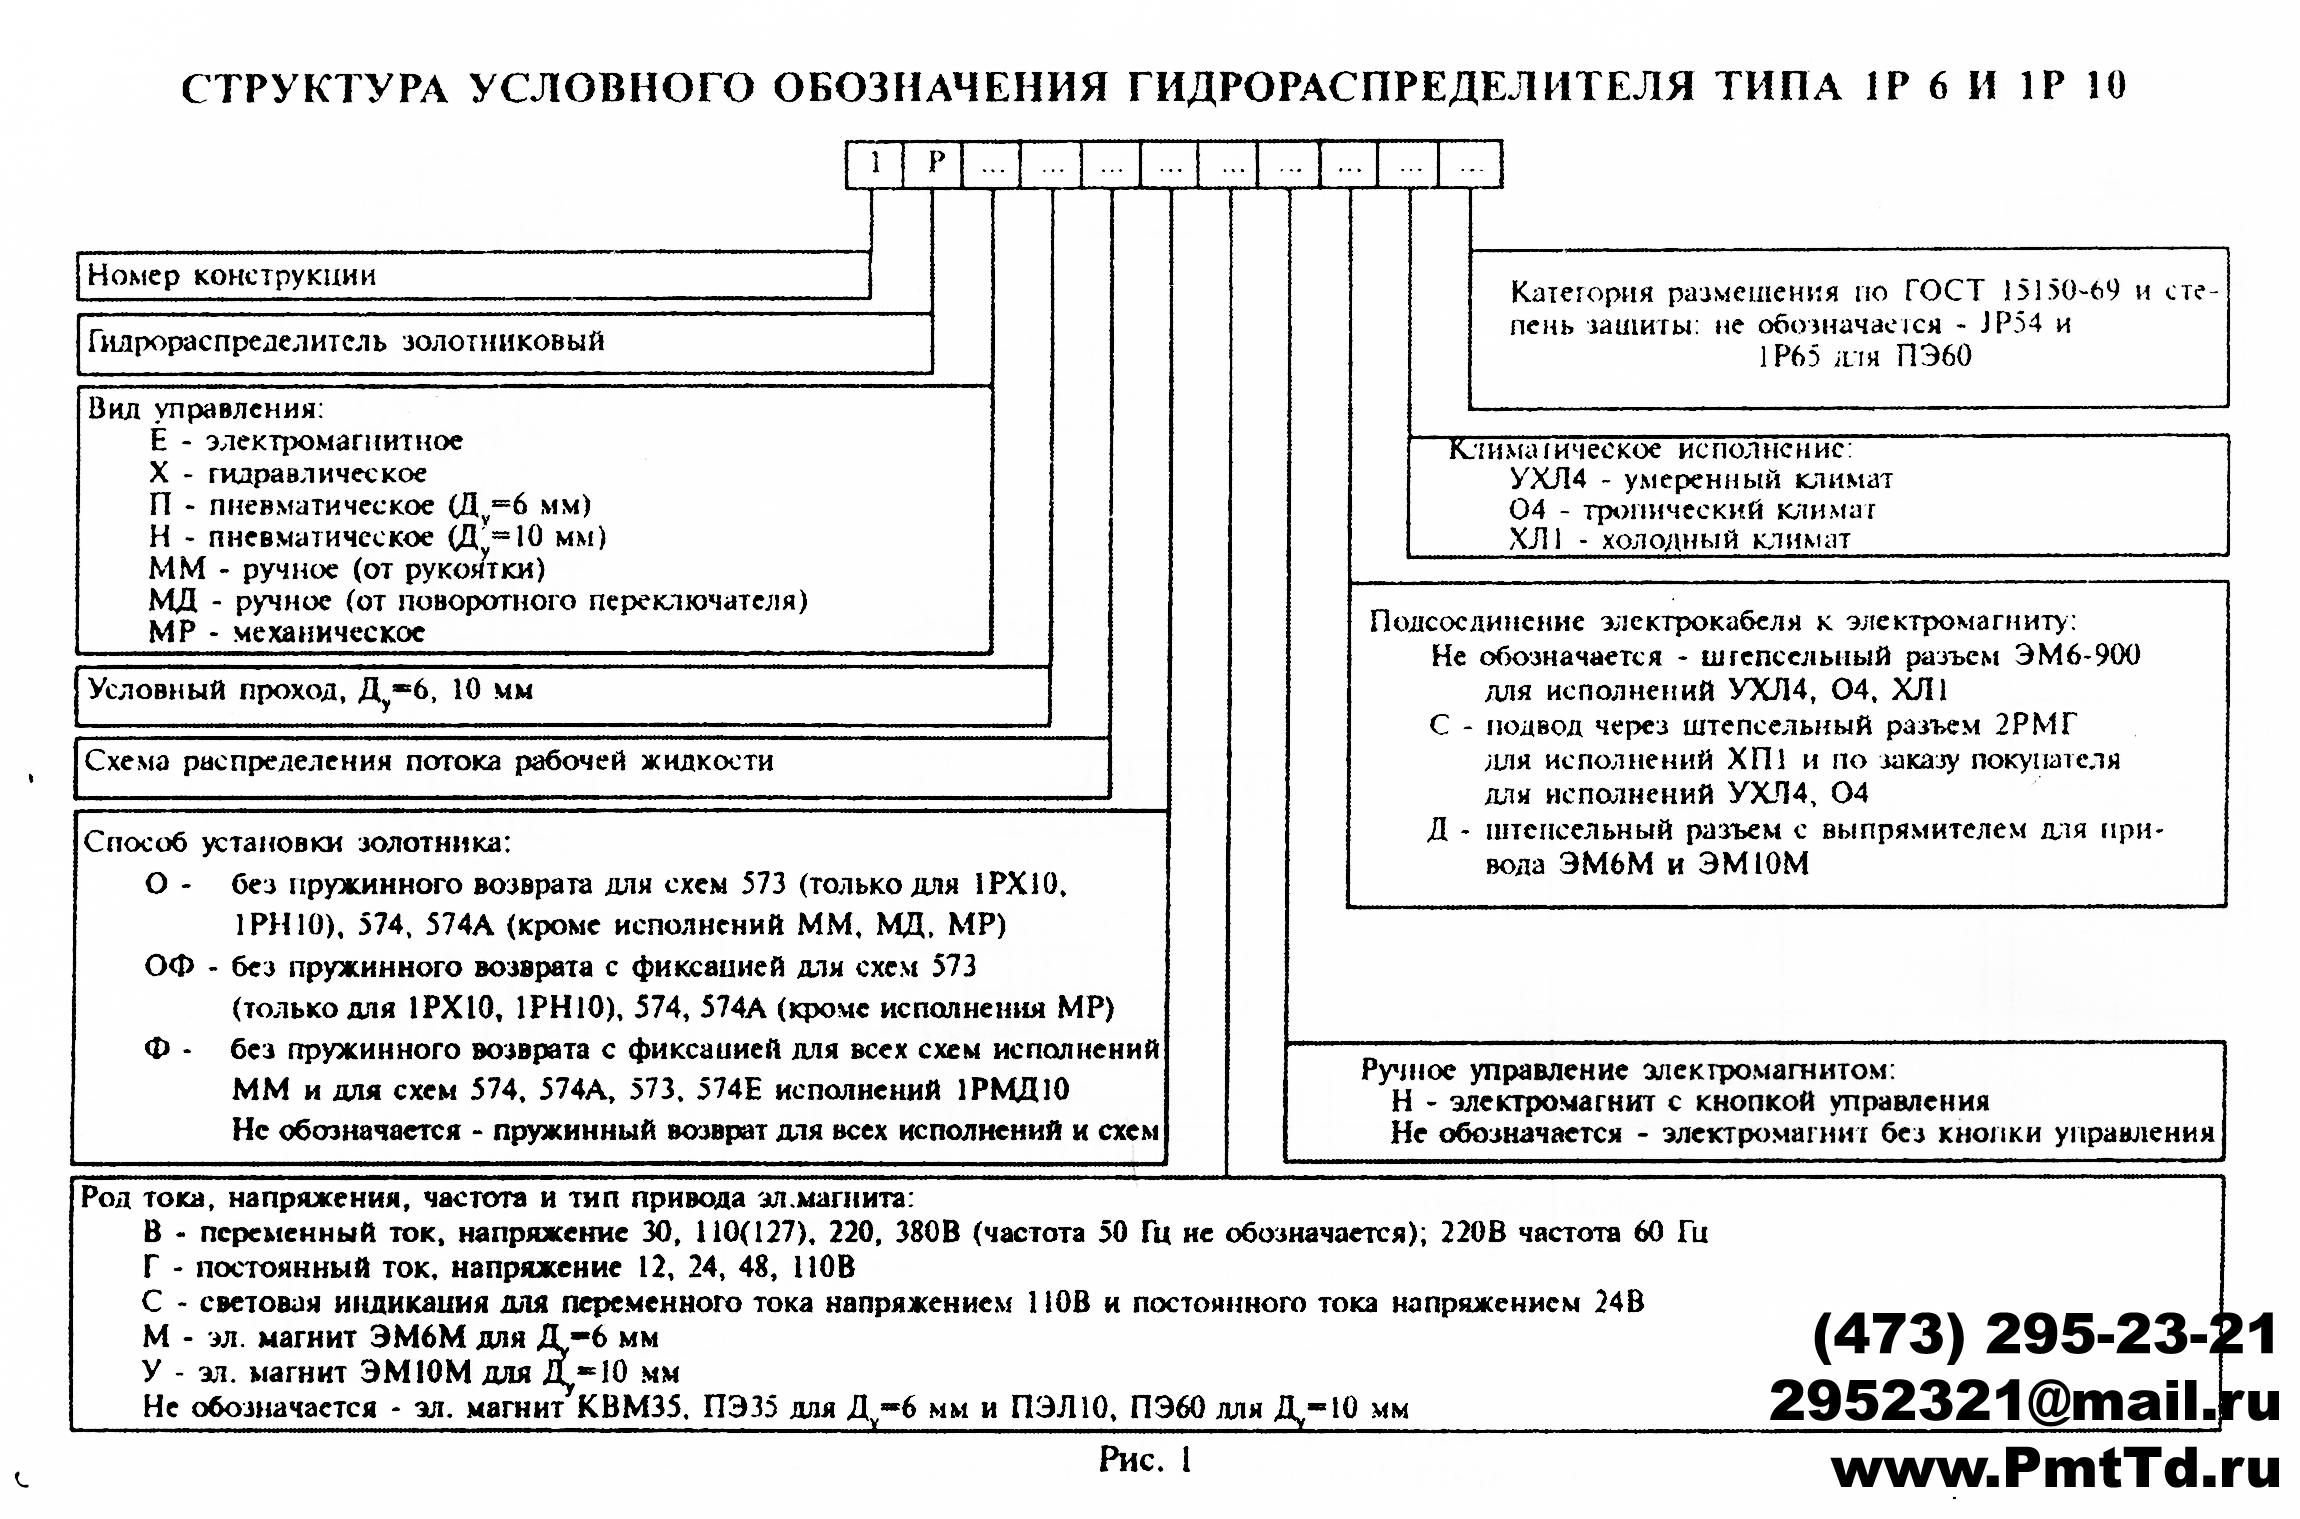 Структура условного обозначение Гидрораспределей  марки 1РЕ6 1РММ6 1РМР6 1РЕ10 1РММ10 1РМР10